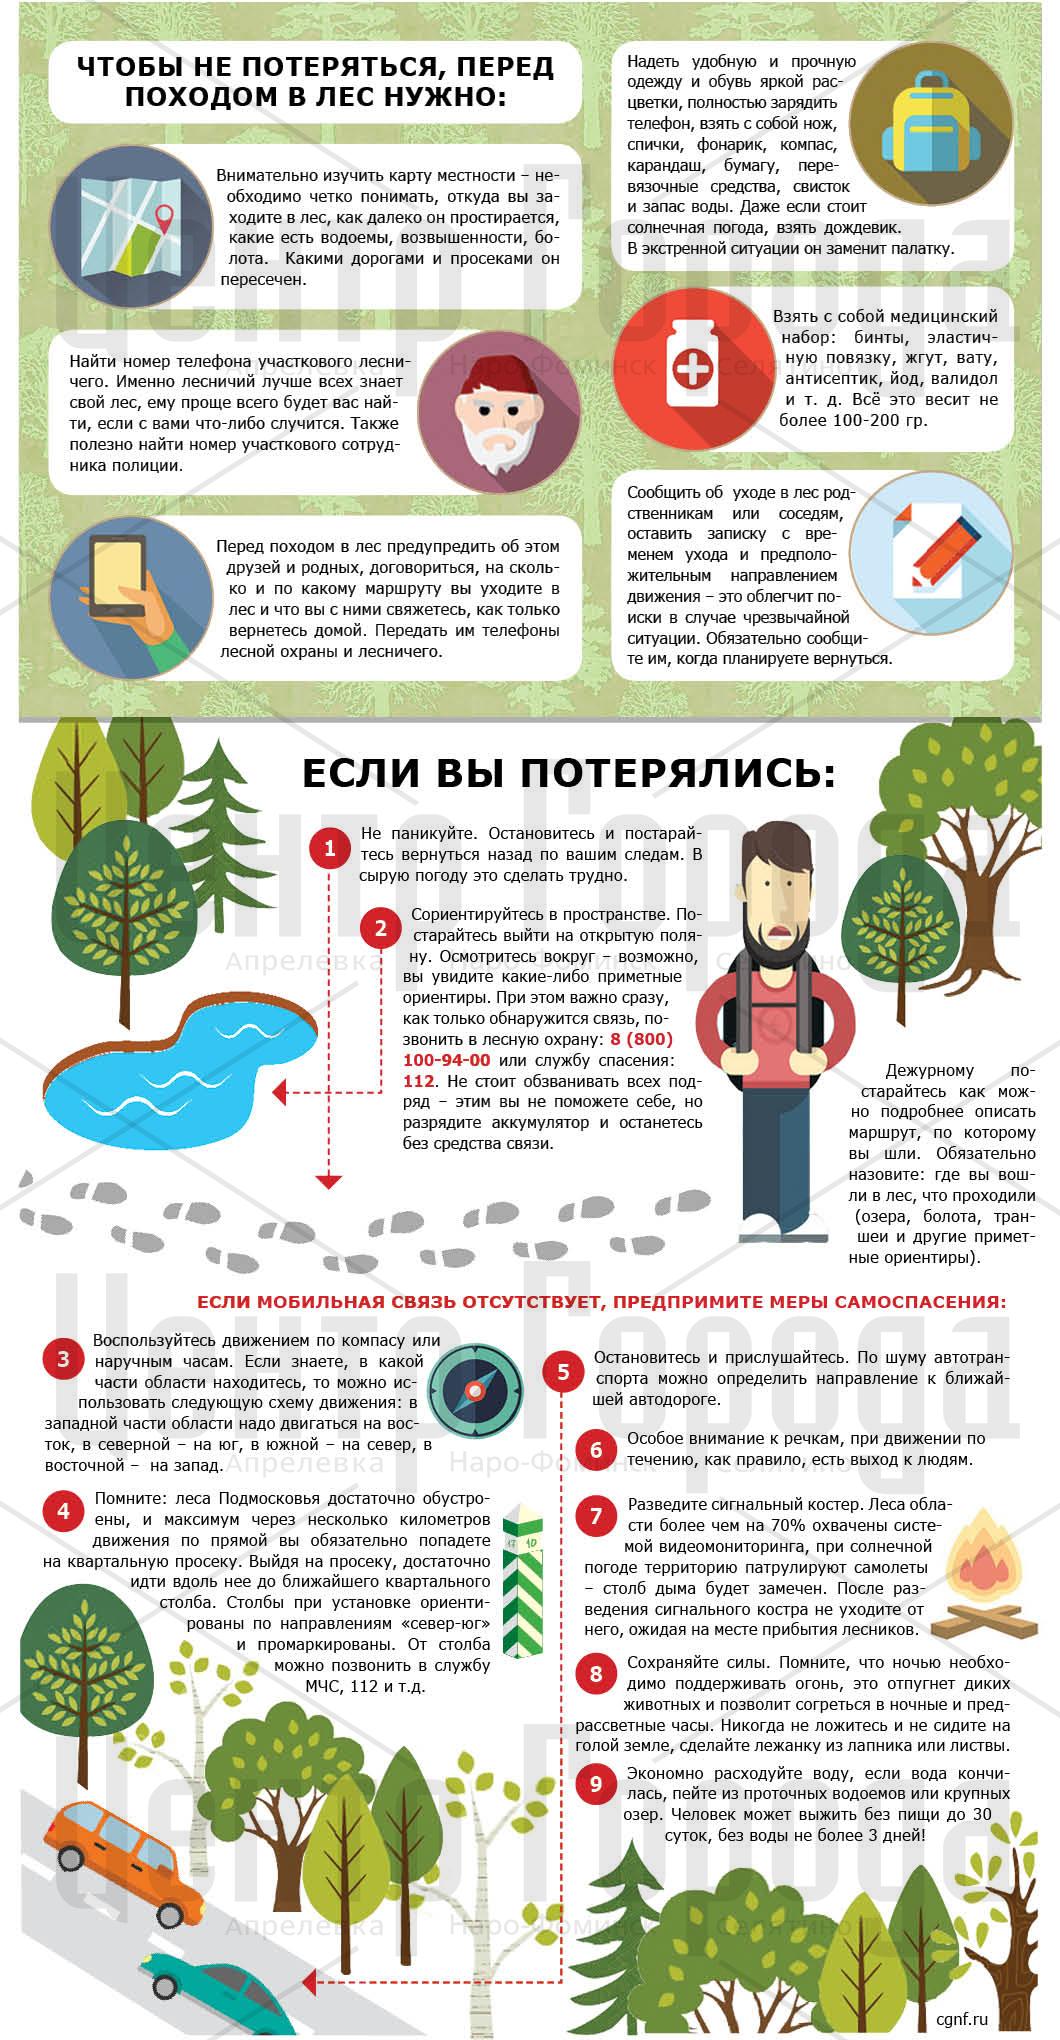 Что делать если ты заблудился в лесу фото